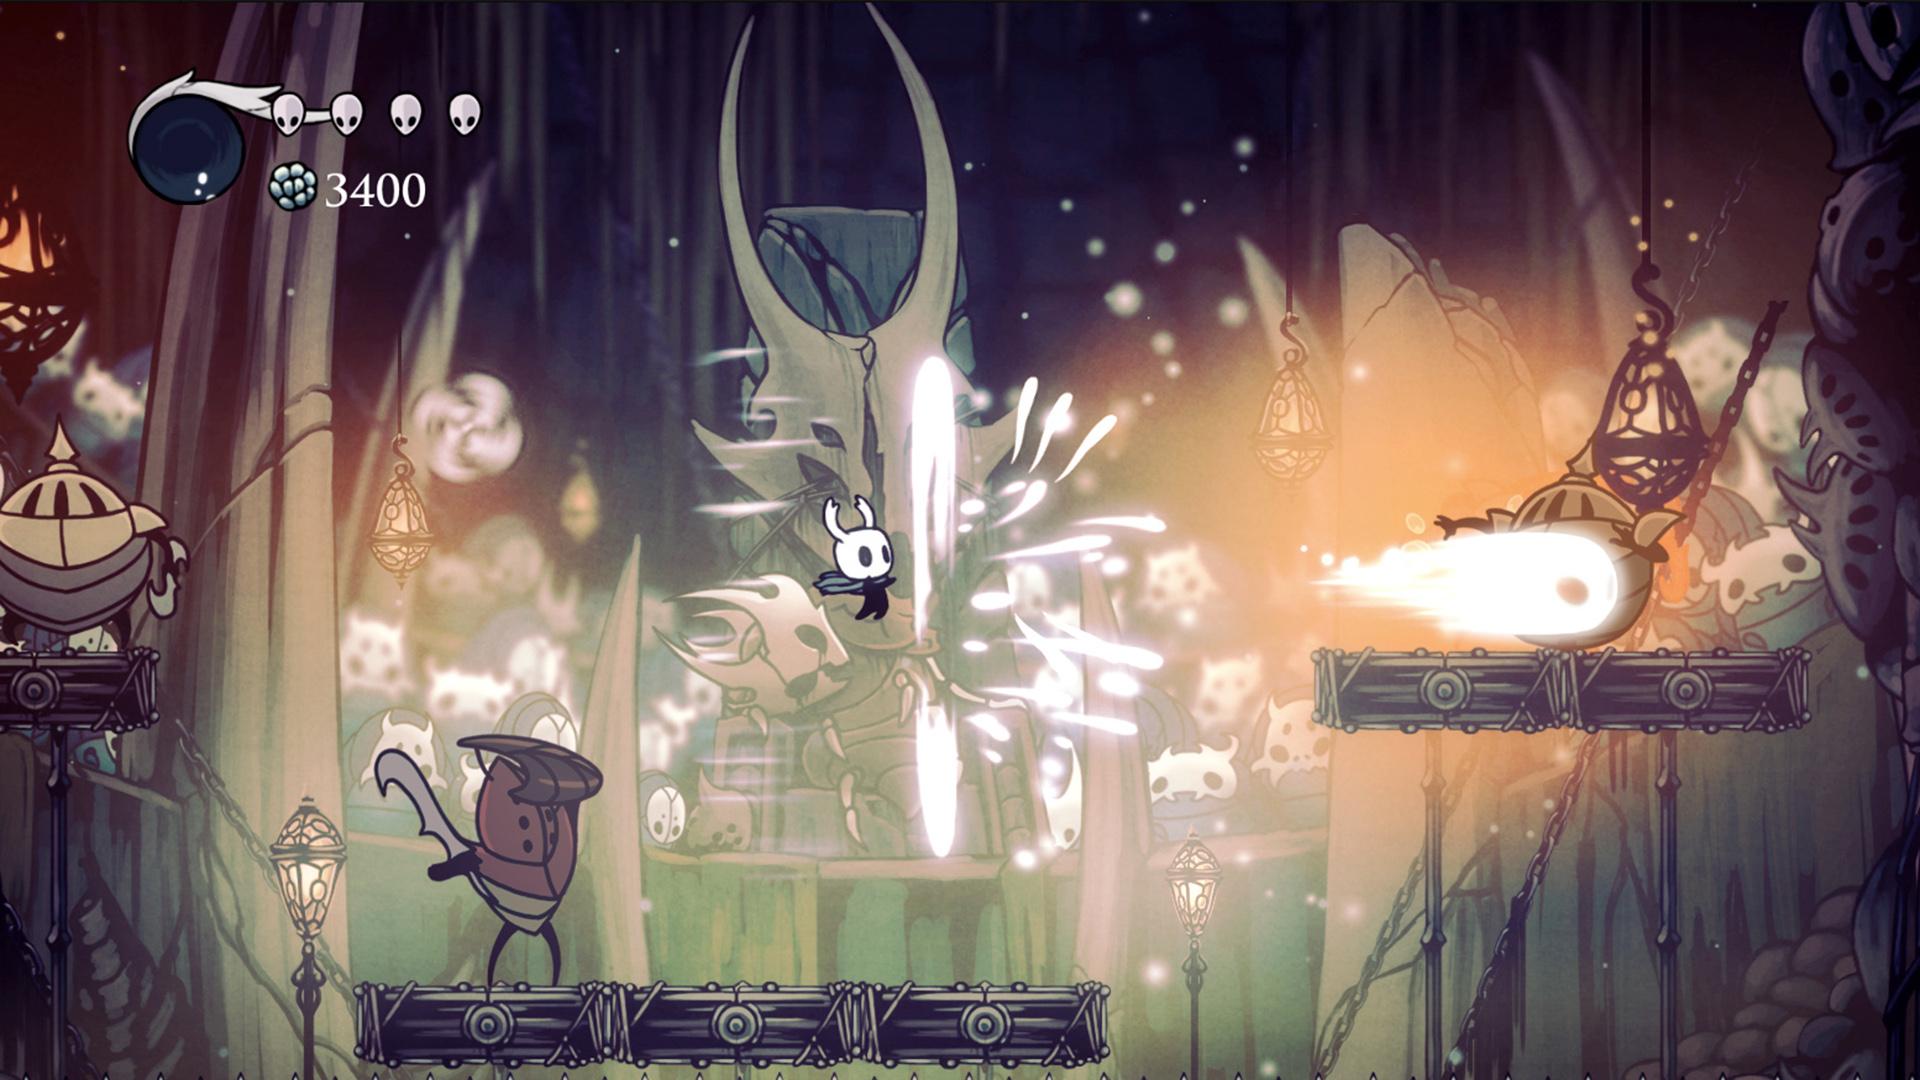 硬核动作游戏《空洞骑士》Steam打折促销 仅售24元